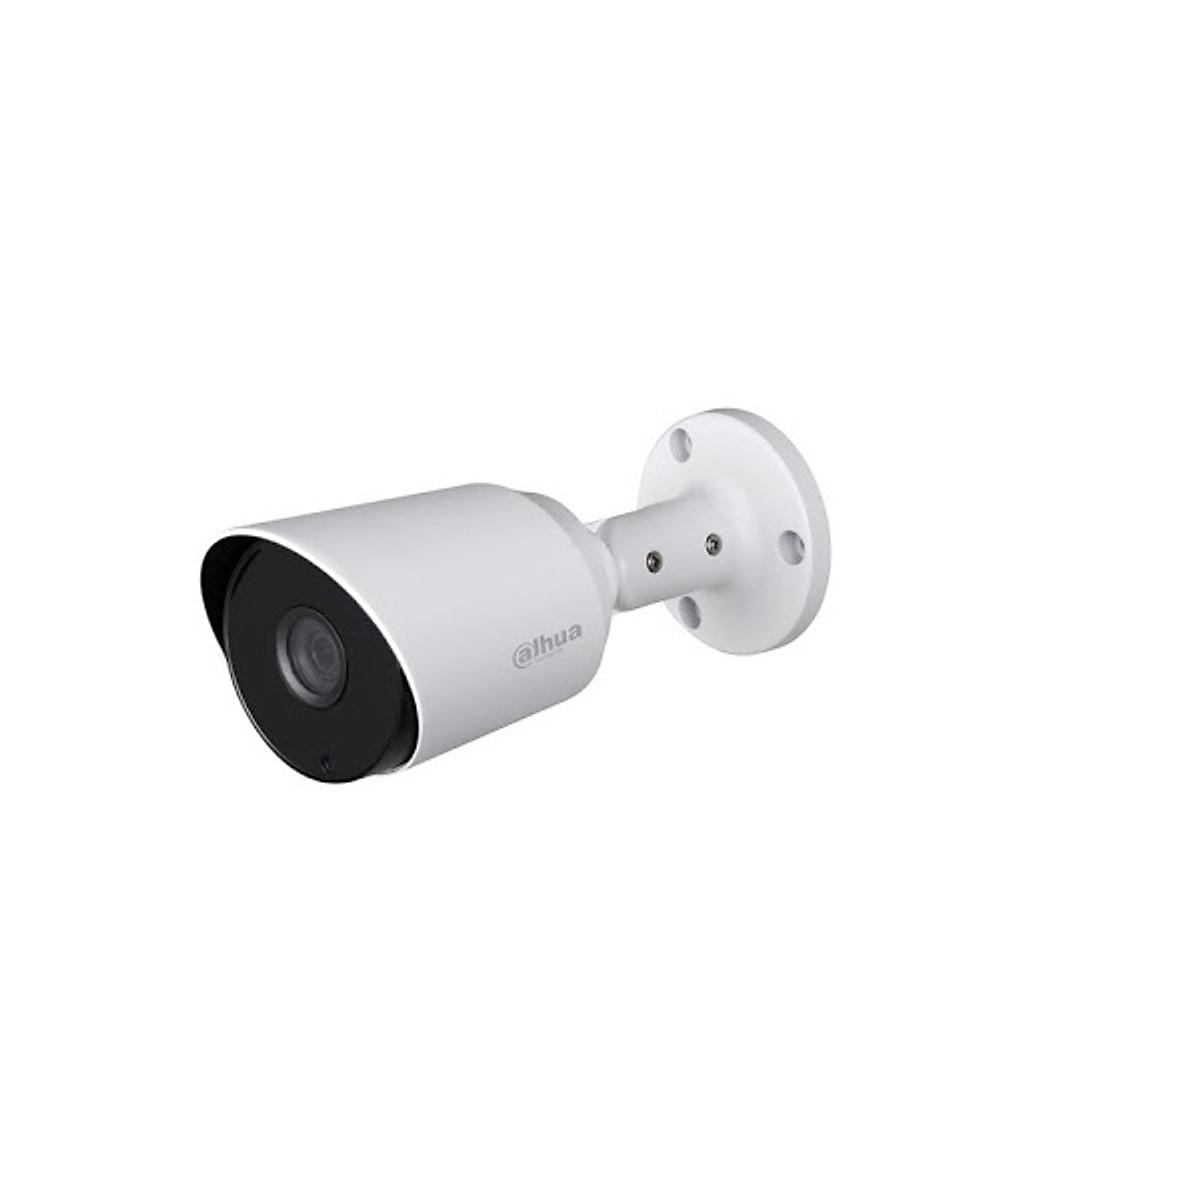 Camera HD-CVI Starlight thân trụ 2.0 Mega Pixel hồng ngoại 30m ngoài trời Dahua HAC-HFW1230SLP – Hàng nhập khẩu